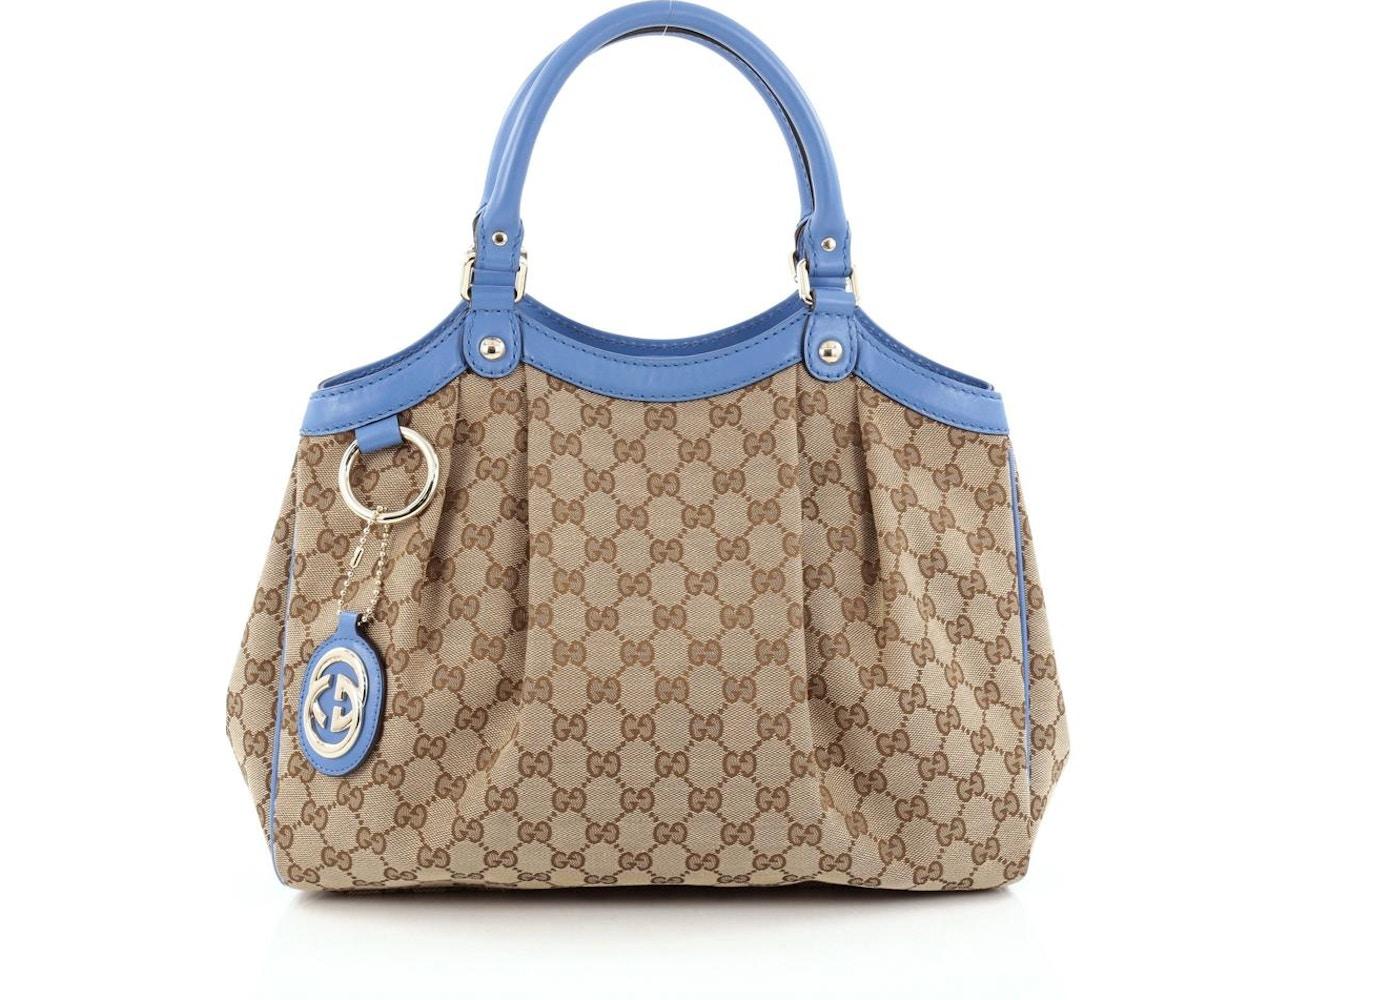 6e3f3b8618e Gucci Sukey Tote GG Monogram GG Leather Charm Medium Brown ...